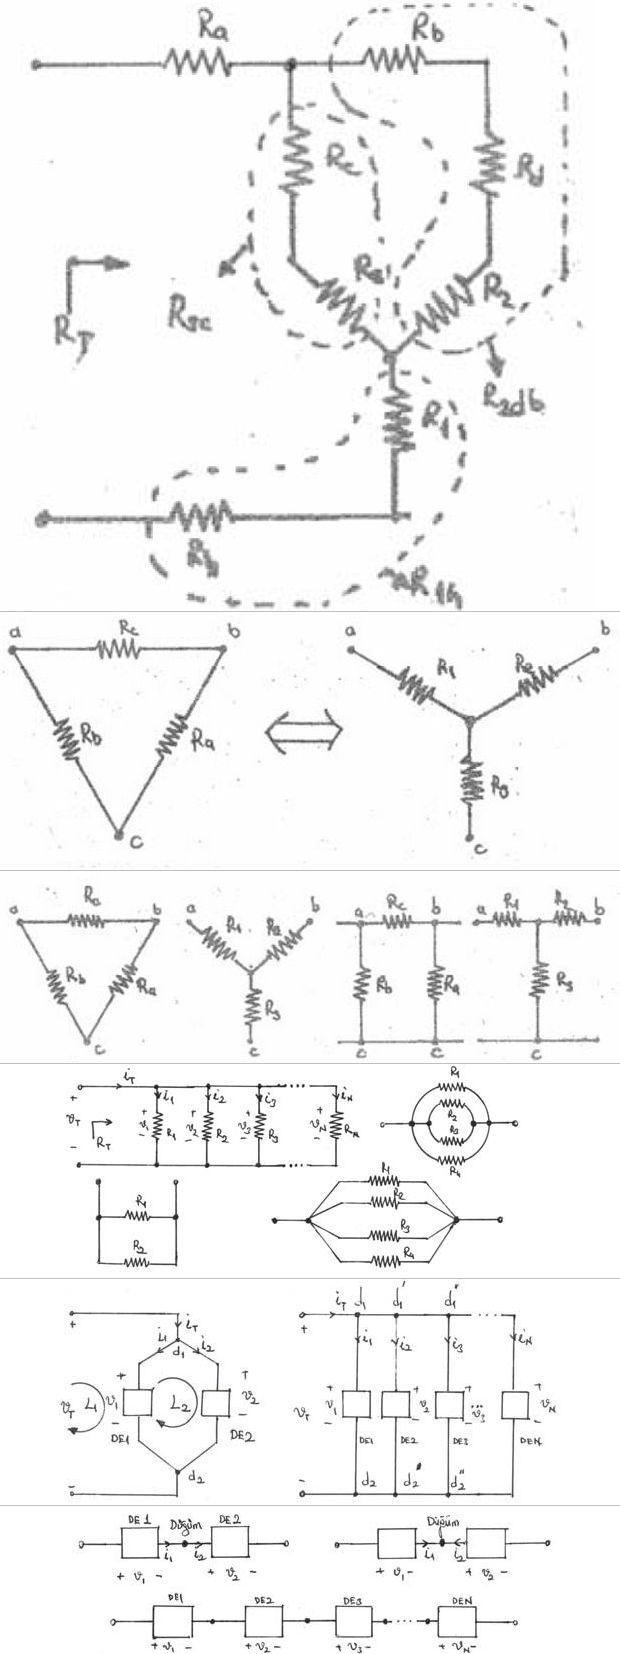 analiz-dc-devre-direnc-direnc-devreleri-direnc-hesaplama-paralel-direnc-seri-direnc